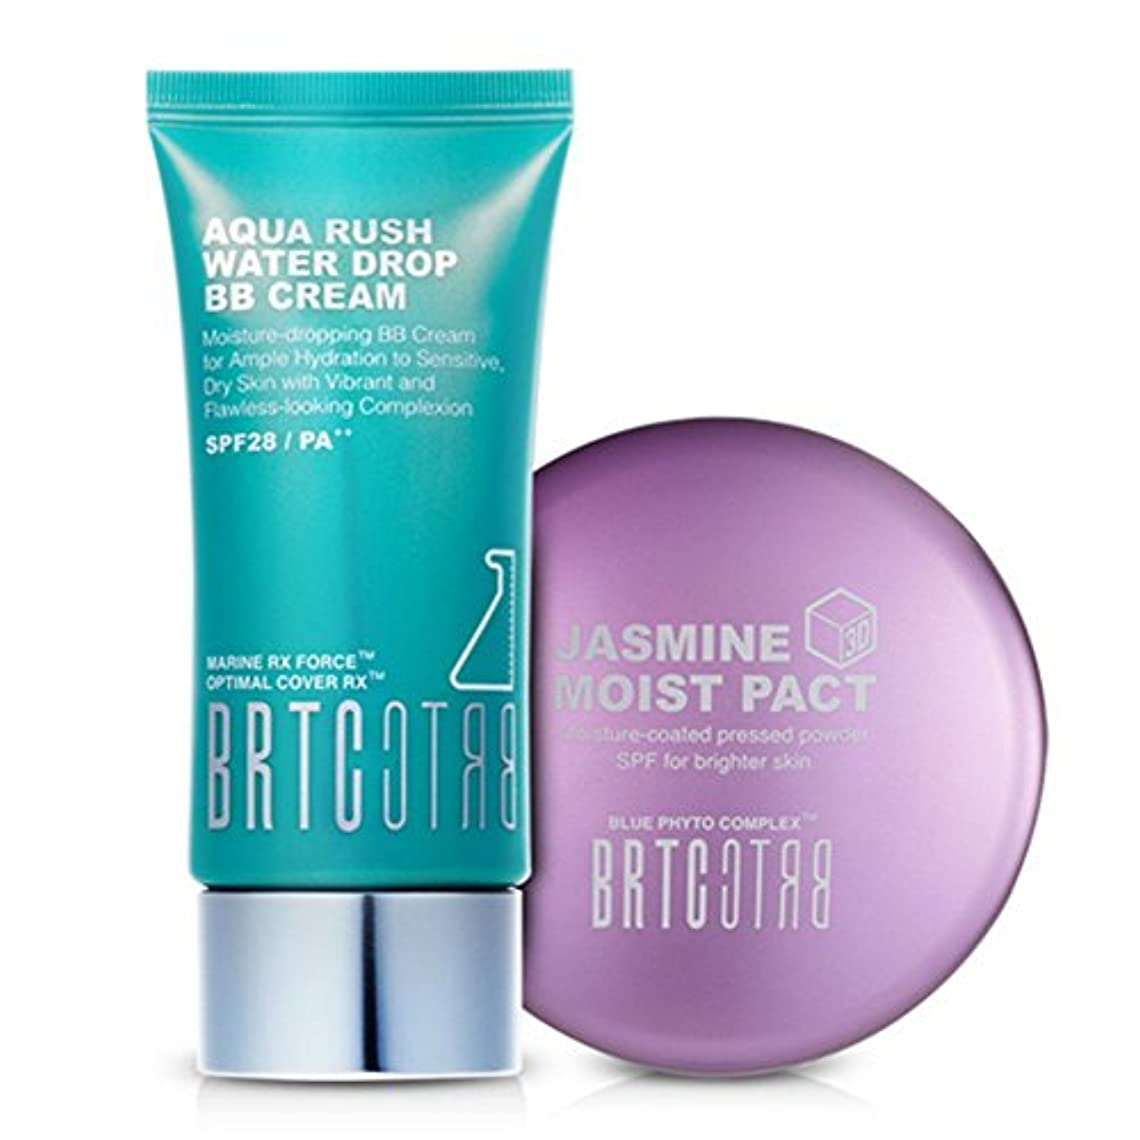 イサカ意外中央【BRTC/非アルティ時】Whitening&Moisture Make Up Set アクアラッシュビビ ファクト2種set [BB Cream+ Moist Pact Set](海外直送品)